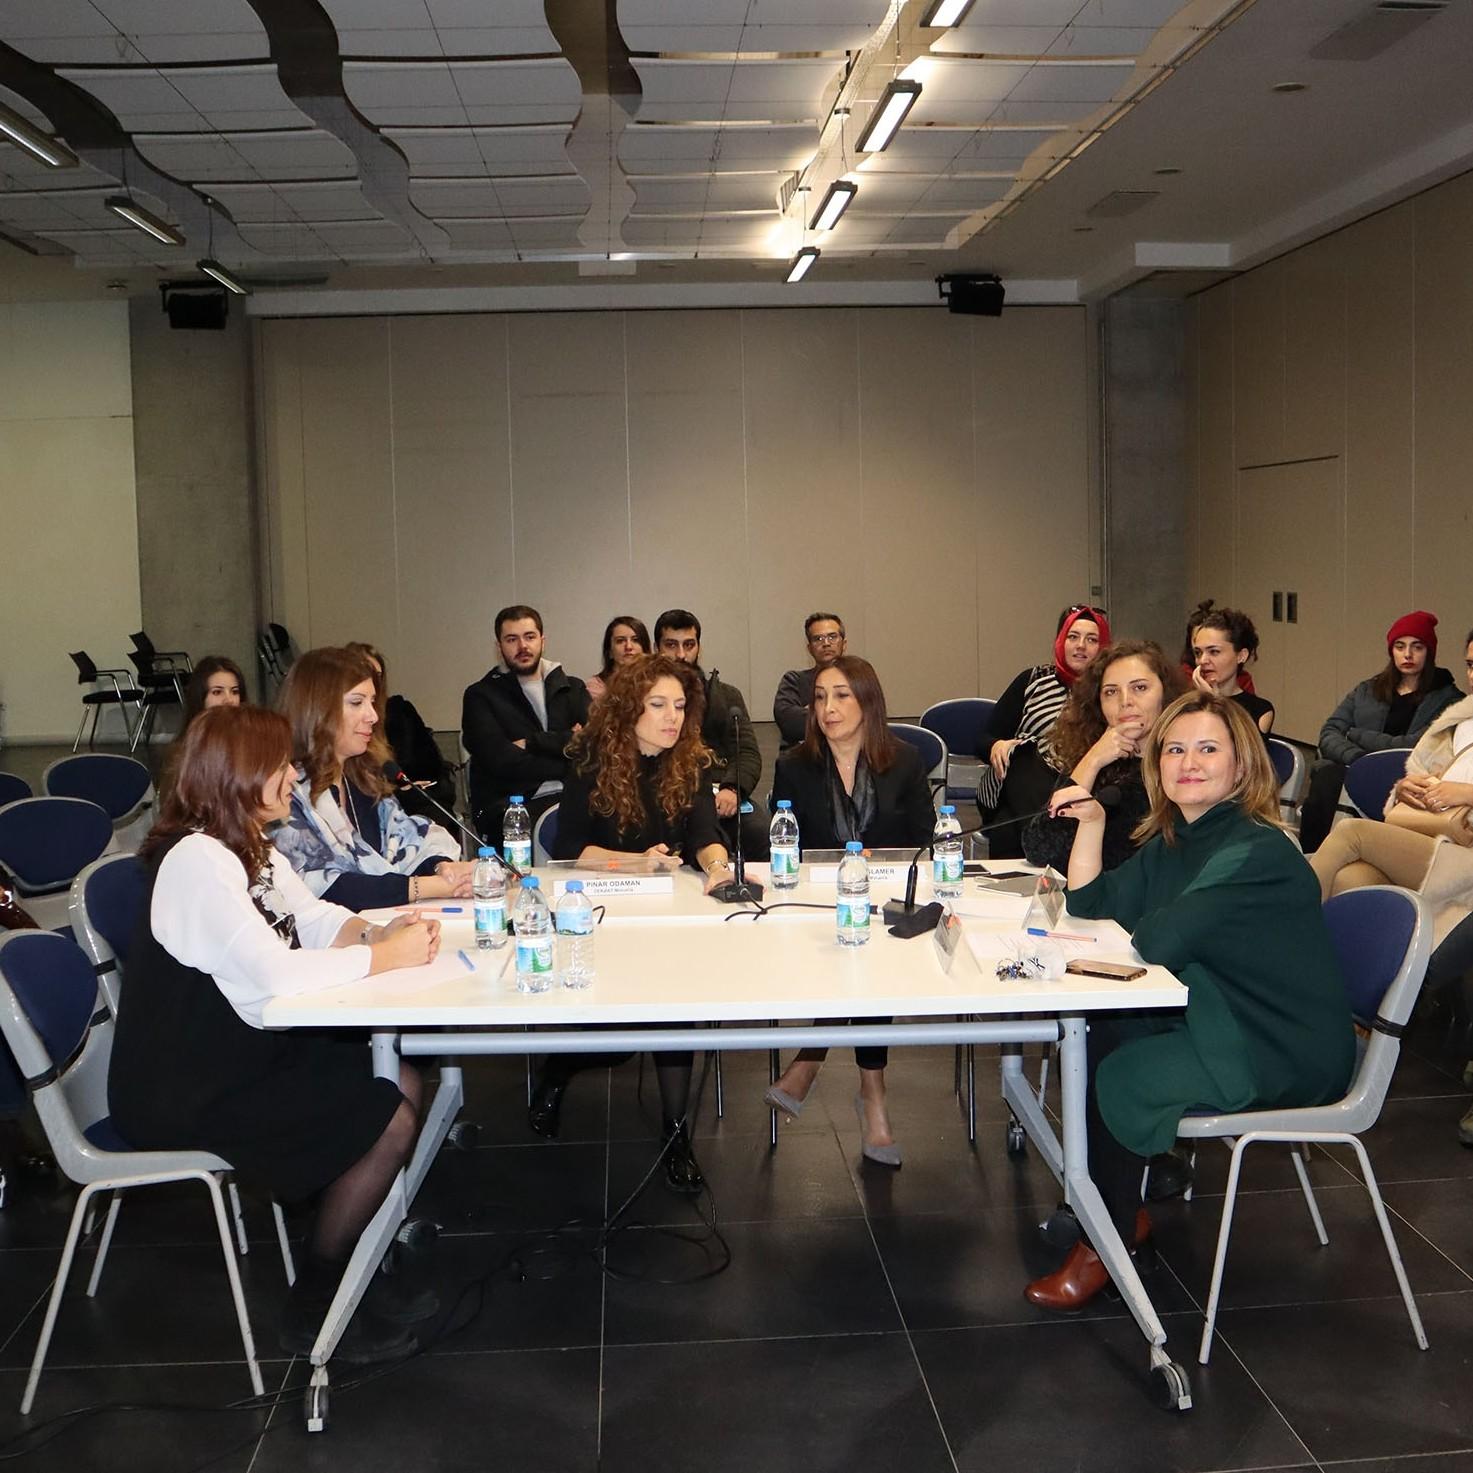 Kadın mimarlardan geleceğin meslektaşlarına öneriler